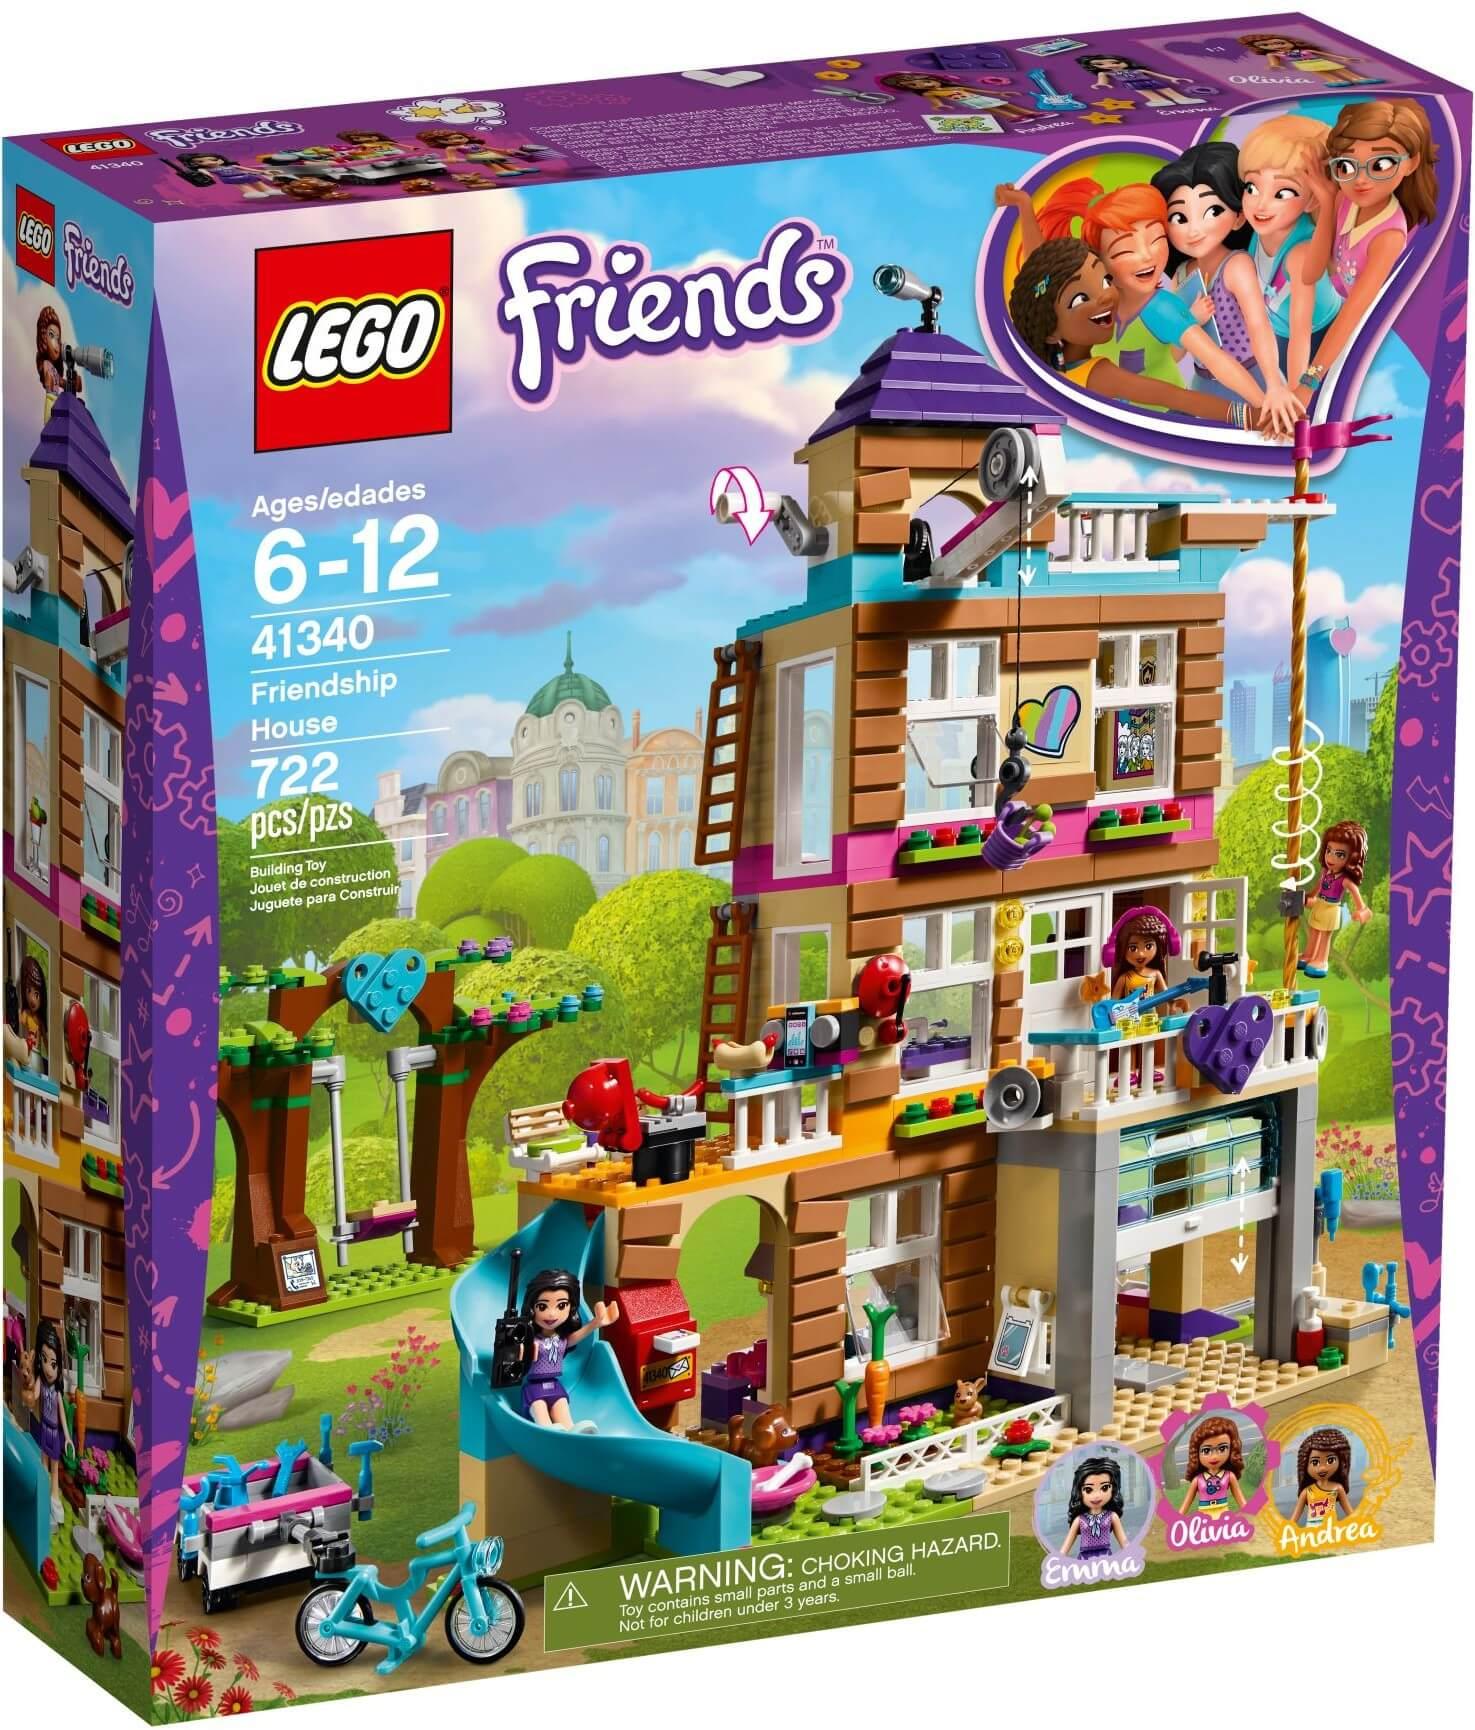 Mua đồ chơi LEGO 41340 - LEGO Friends 41340 - Ngôi Nhà Tình Bạn (LEGO Friends 41340 Friendship House)